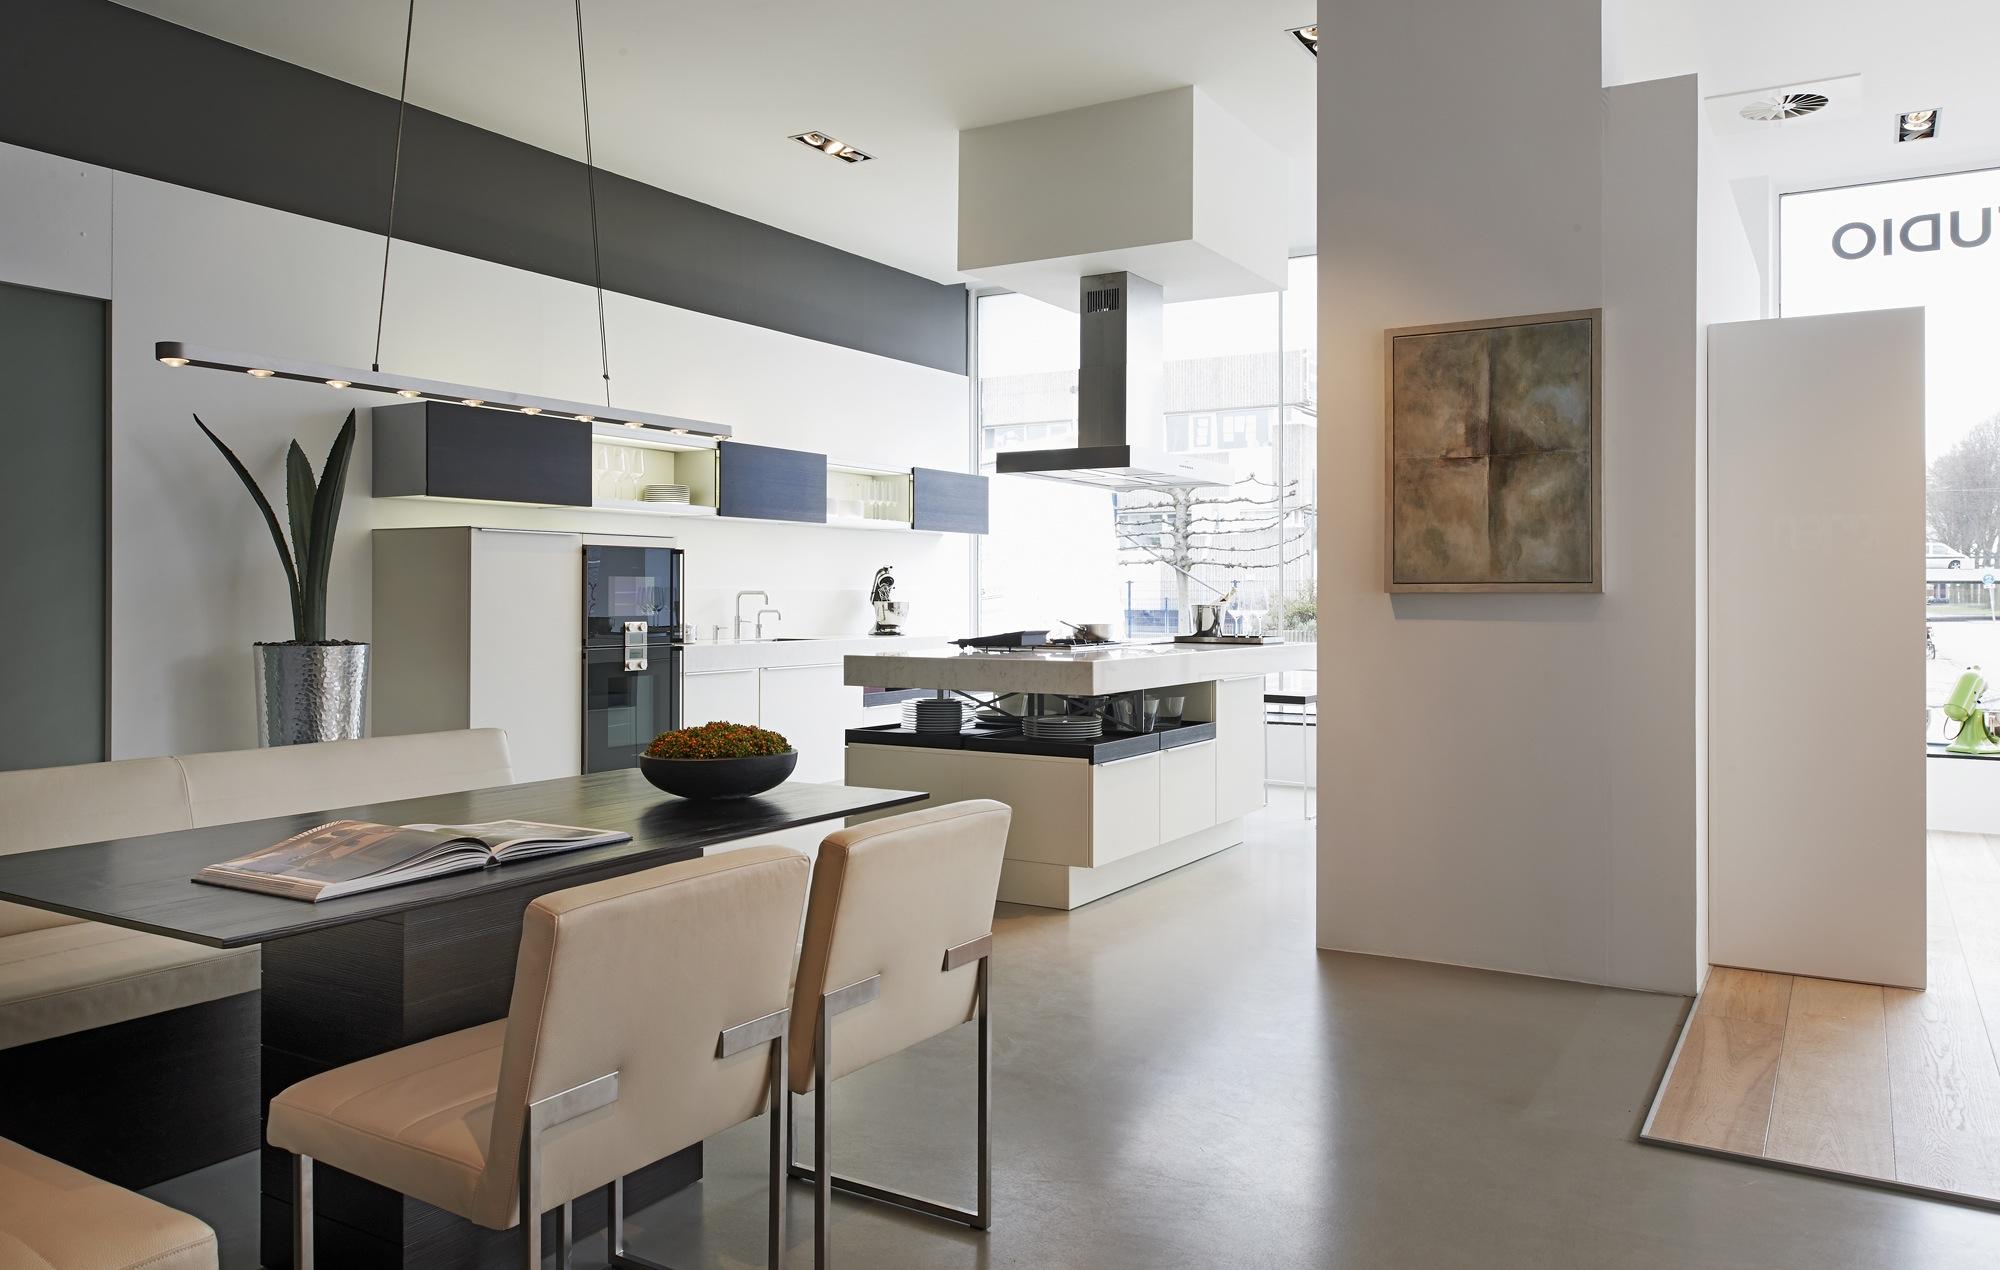 poggenpohl keuken design studio amsterdam nieuws startpagina voor keuken idee n uw